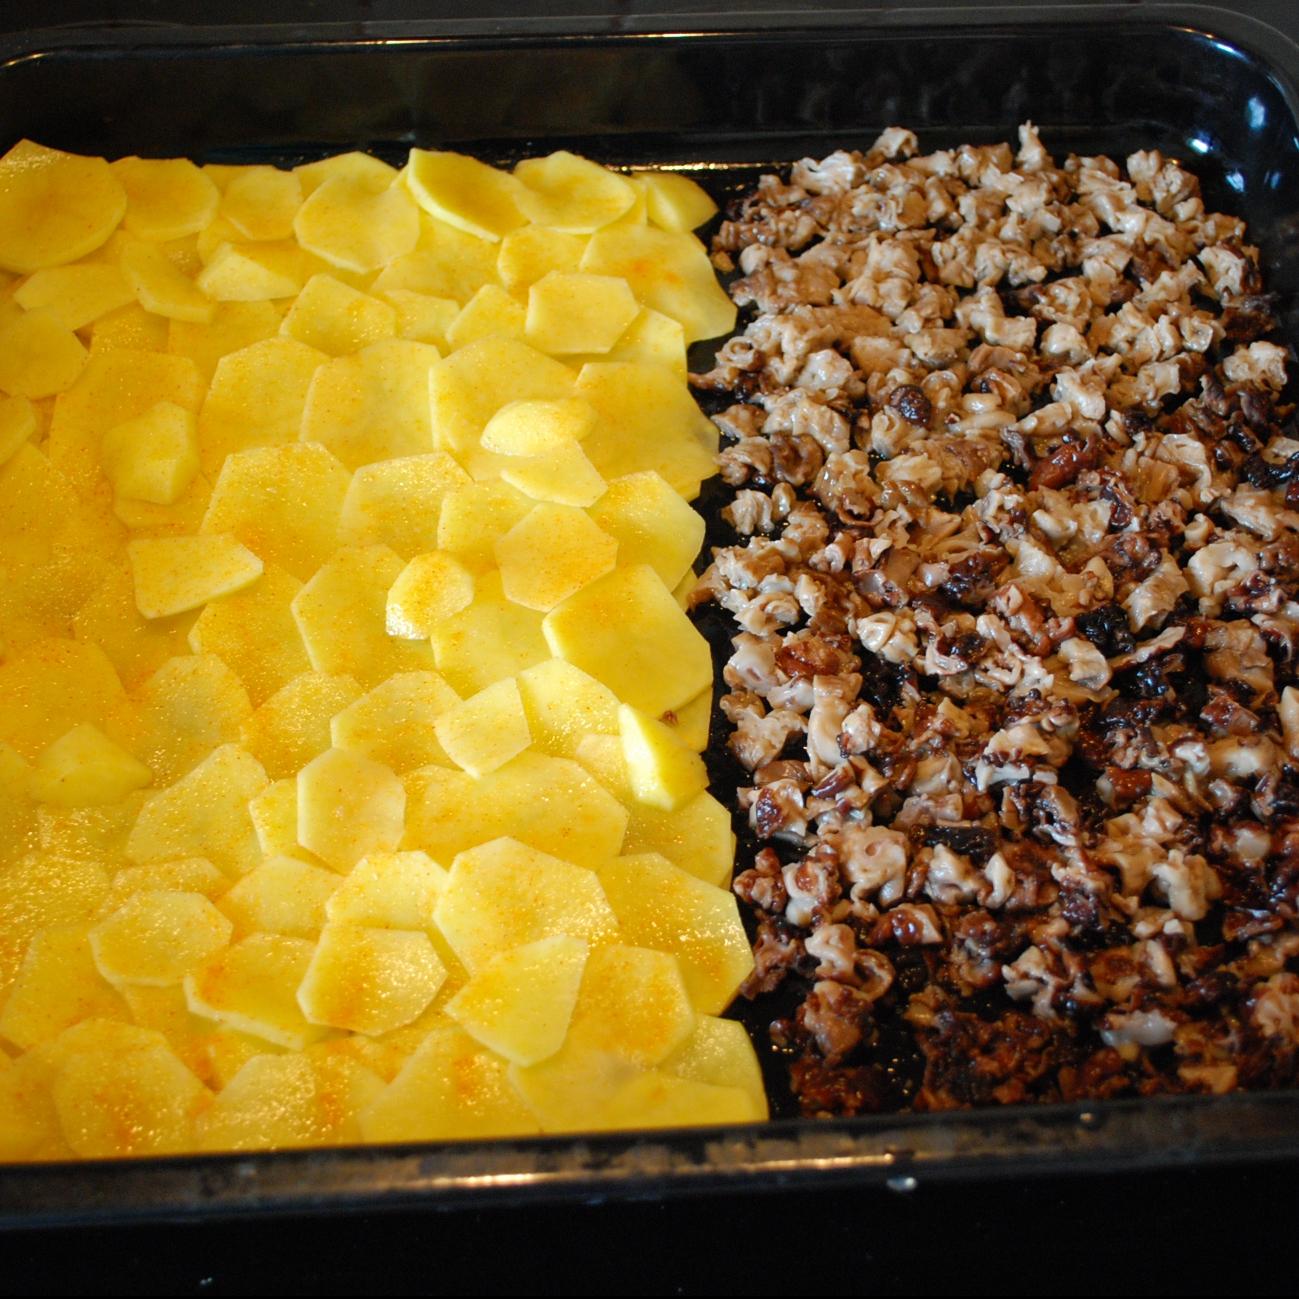 Сморчки запеченные под сыром с картофелем - фото шаг 4